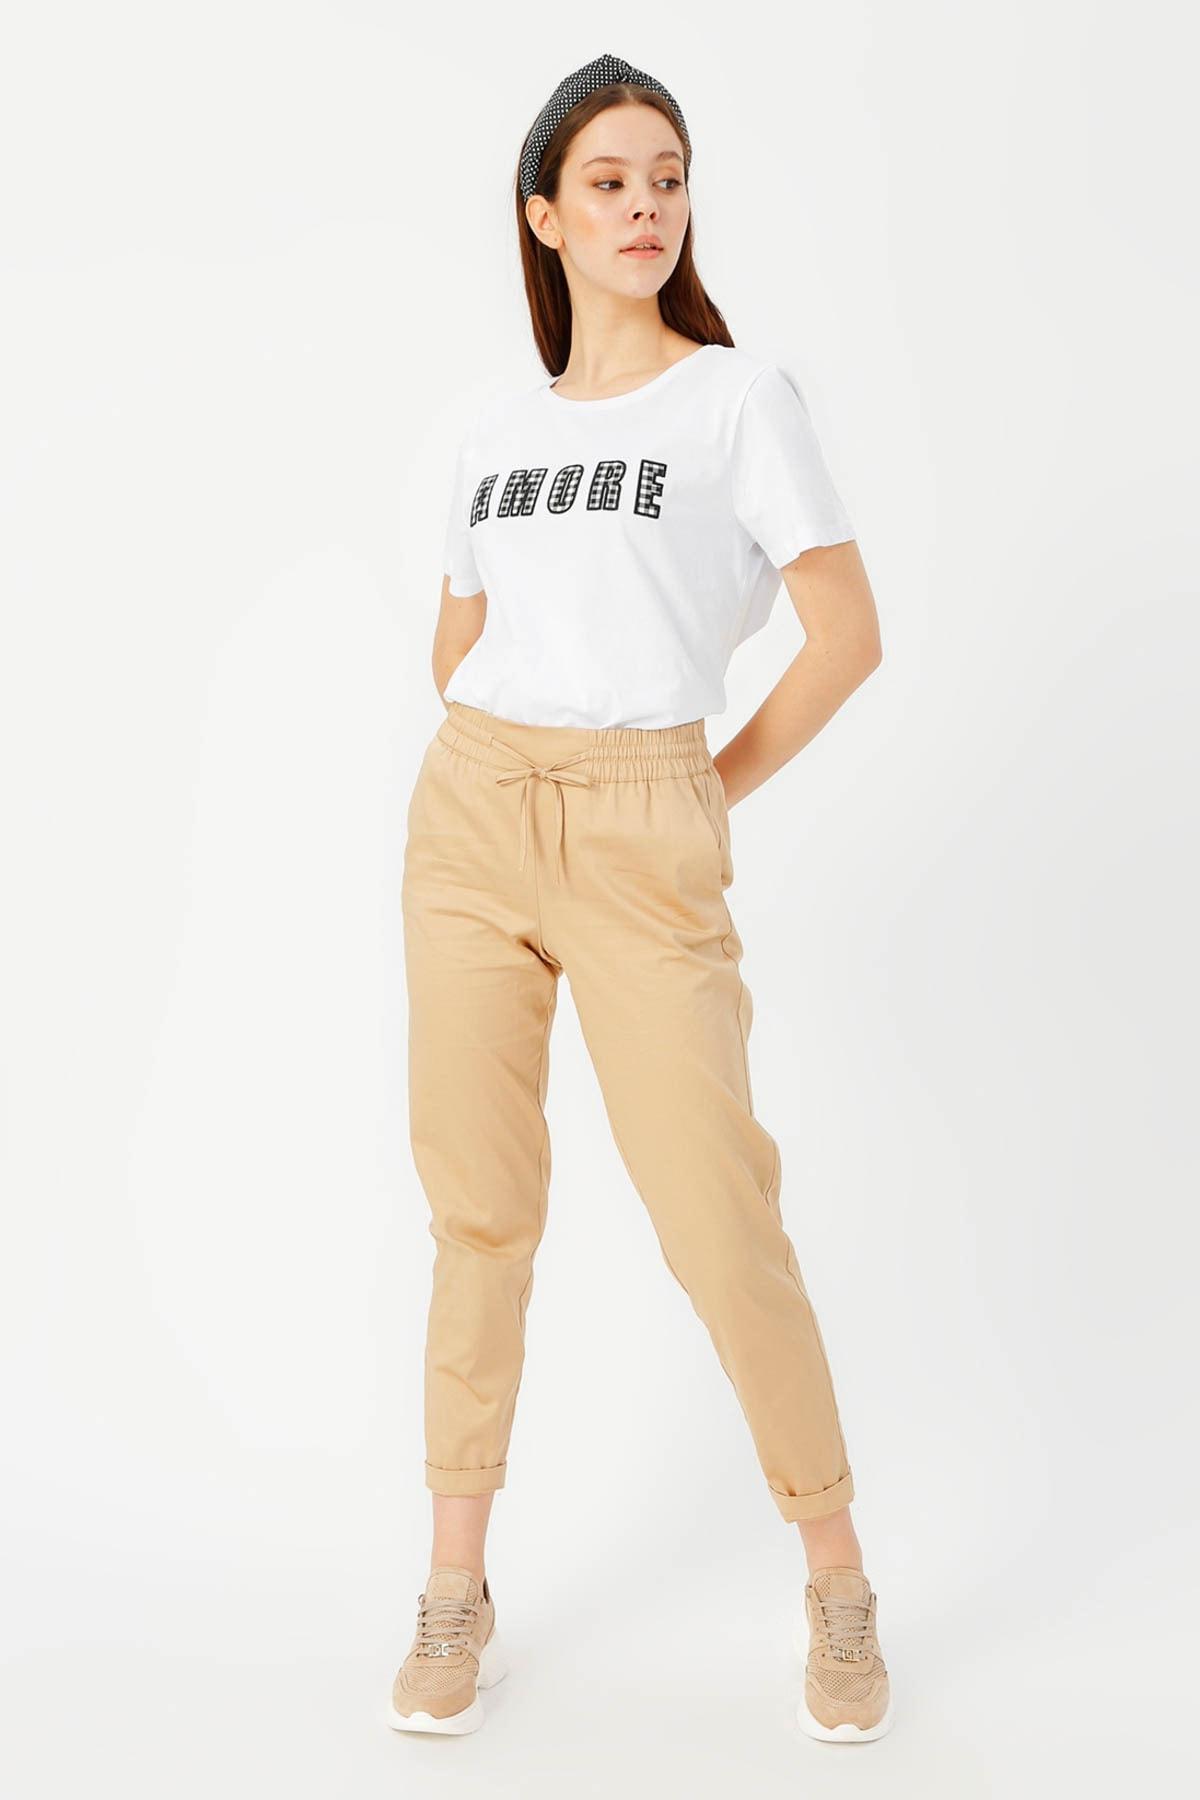 LİMON COMPANY Kadın Beyaz Tişört 504393944 Boyner 2